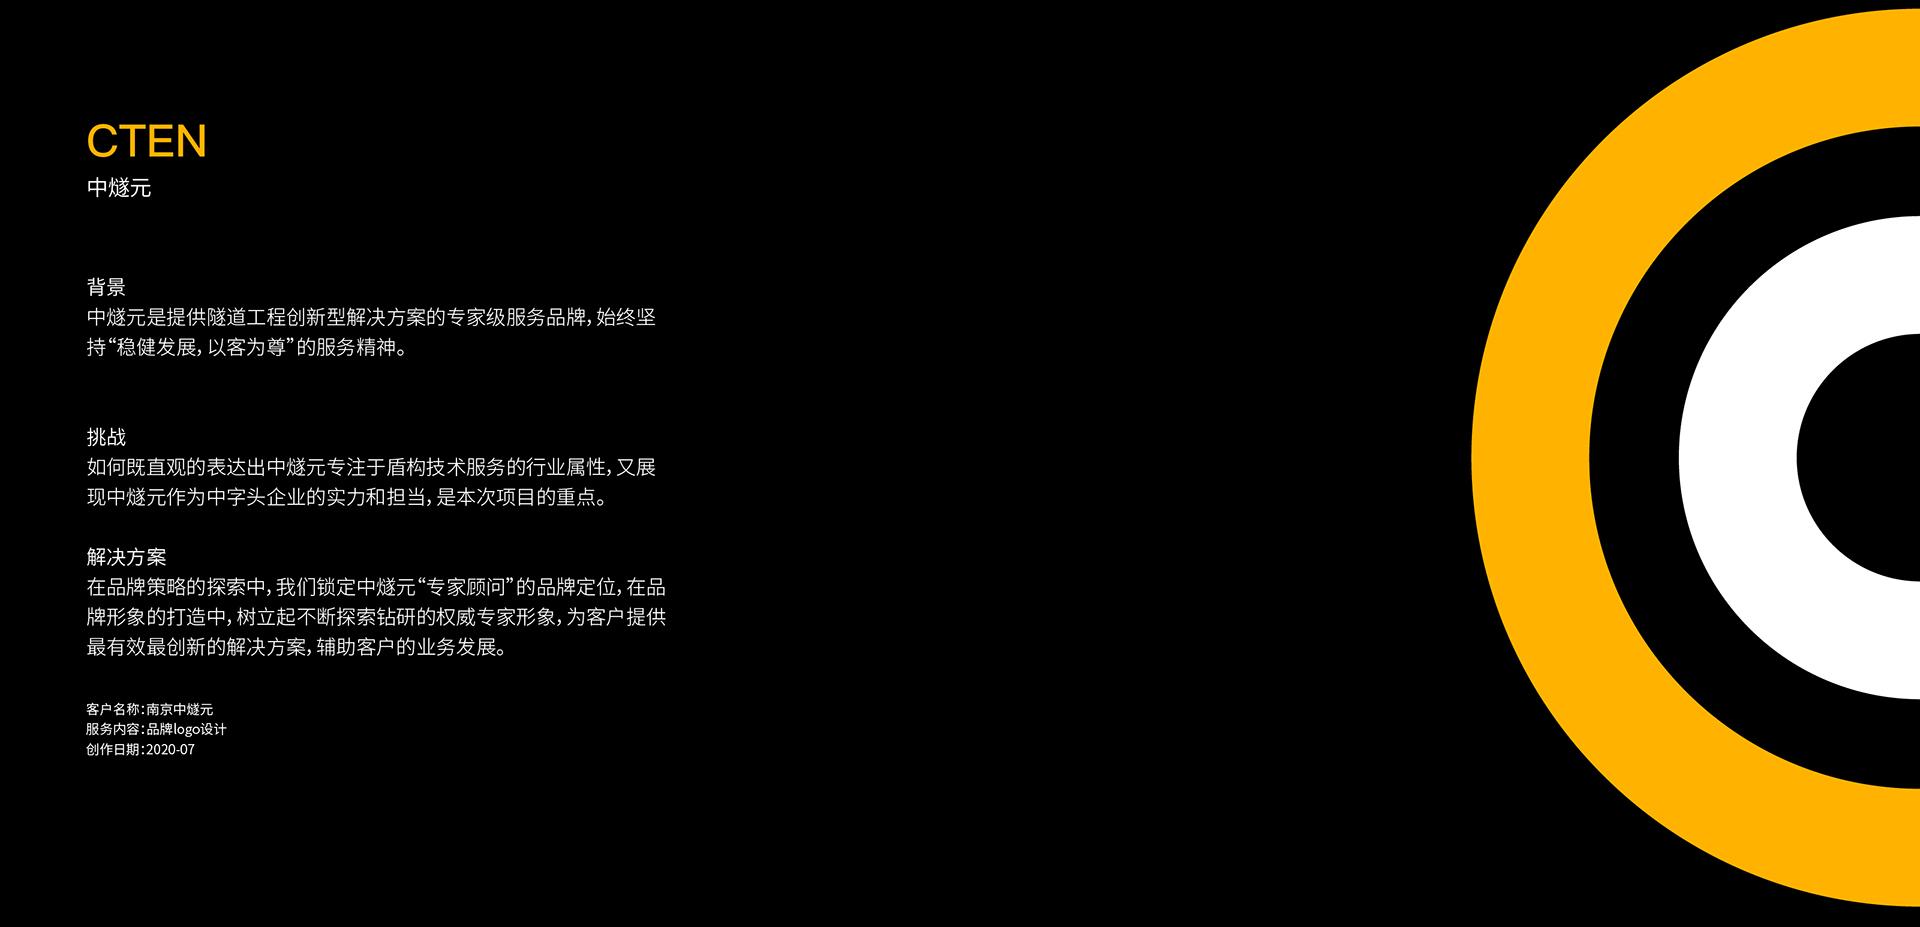 201007-中燧元案例-01.jpg